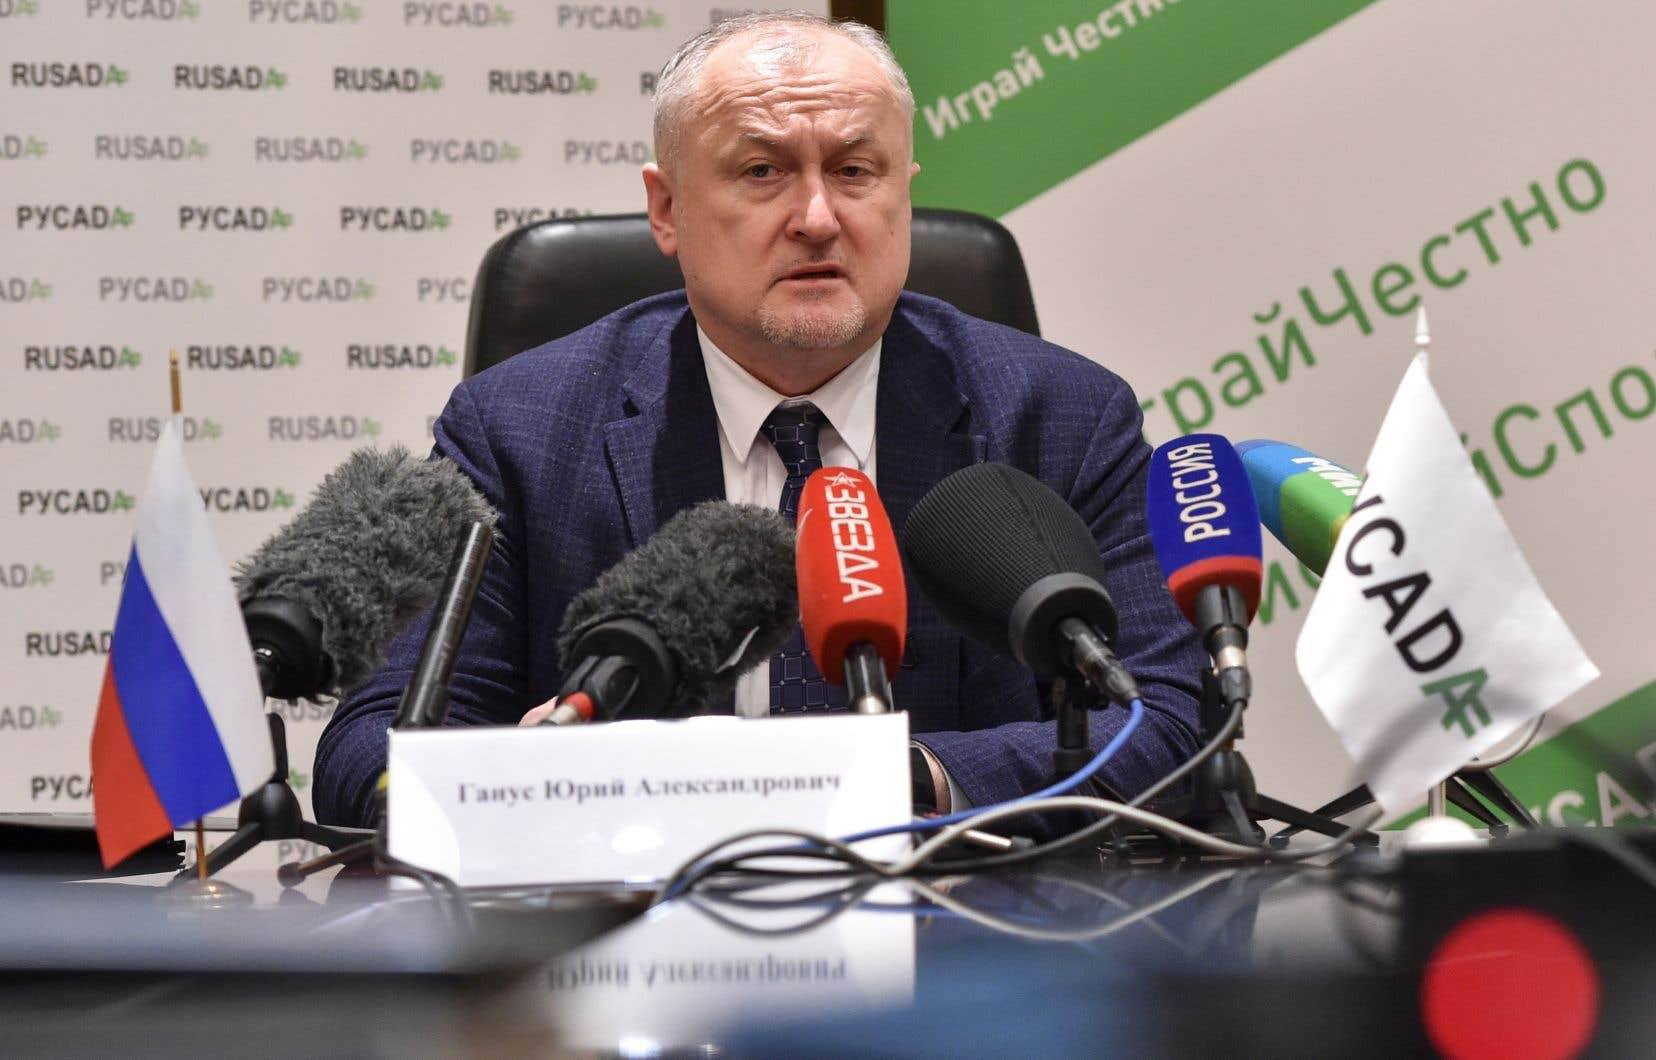 Le directeur de l'Agence antidopage russe, Iouri Ganous,a récemment accusé à deux reprises les autorités sportives de son pays d'avoir manipulé des données électroniques remises à l'AMA.